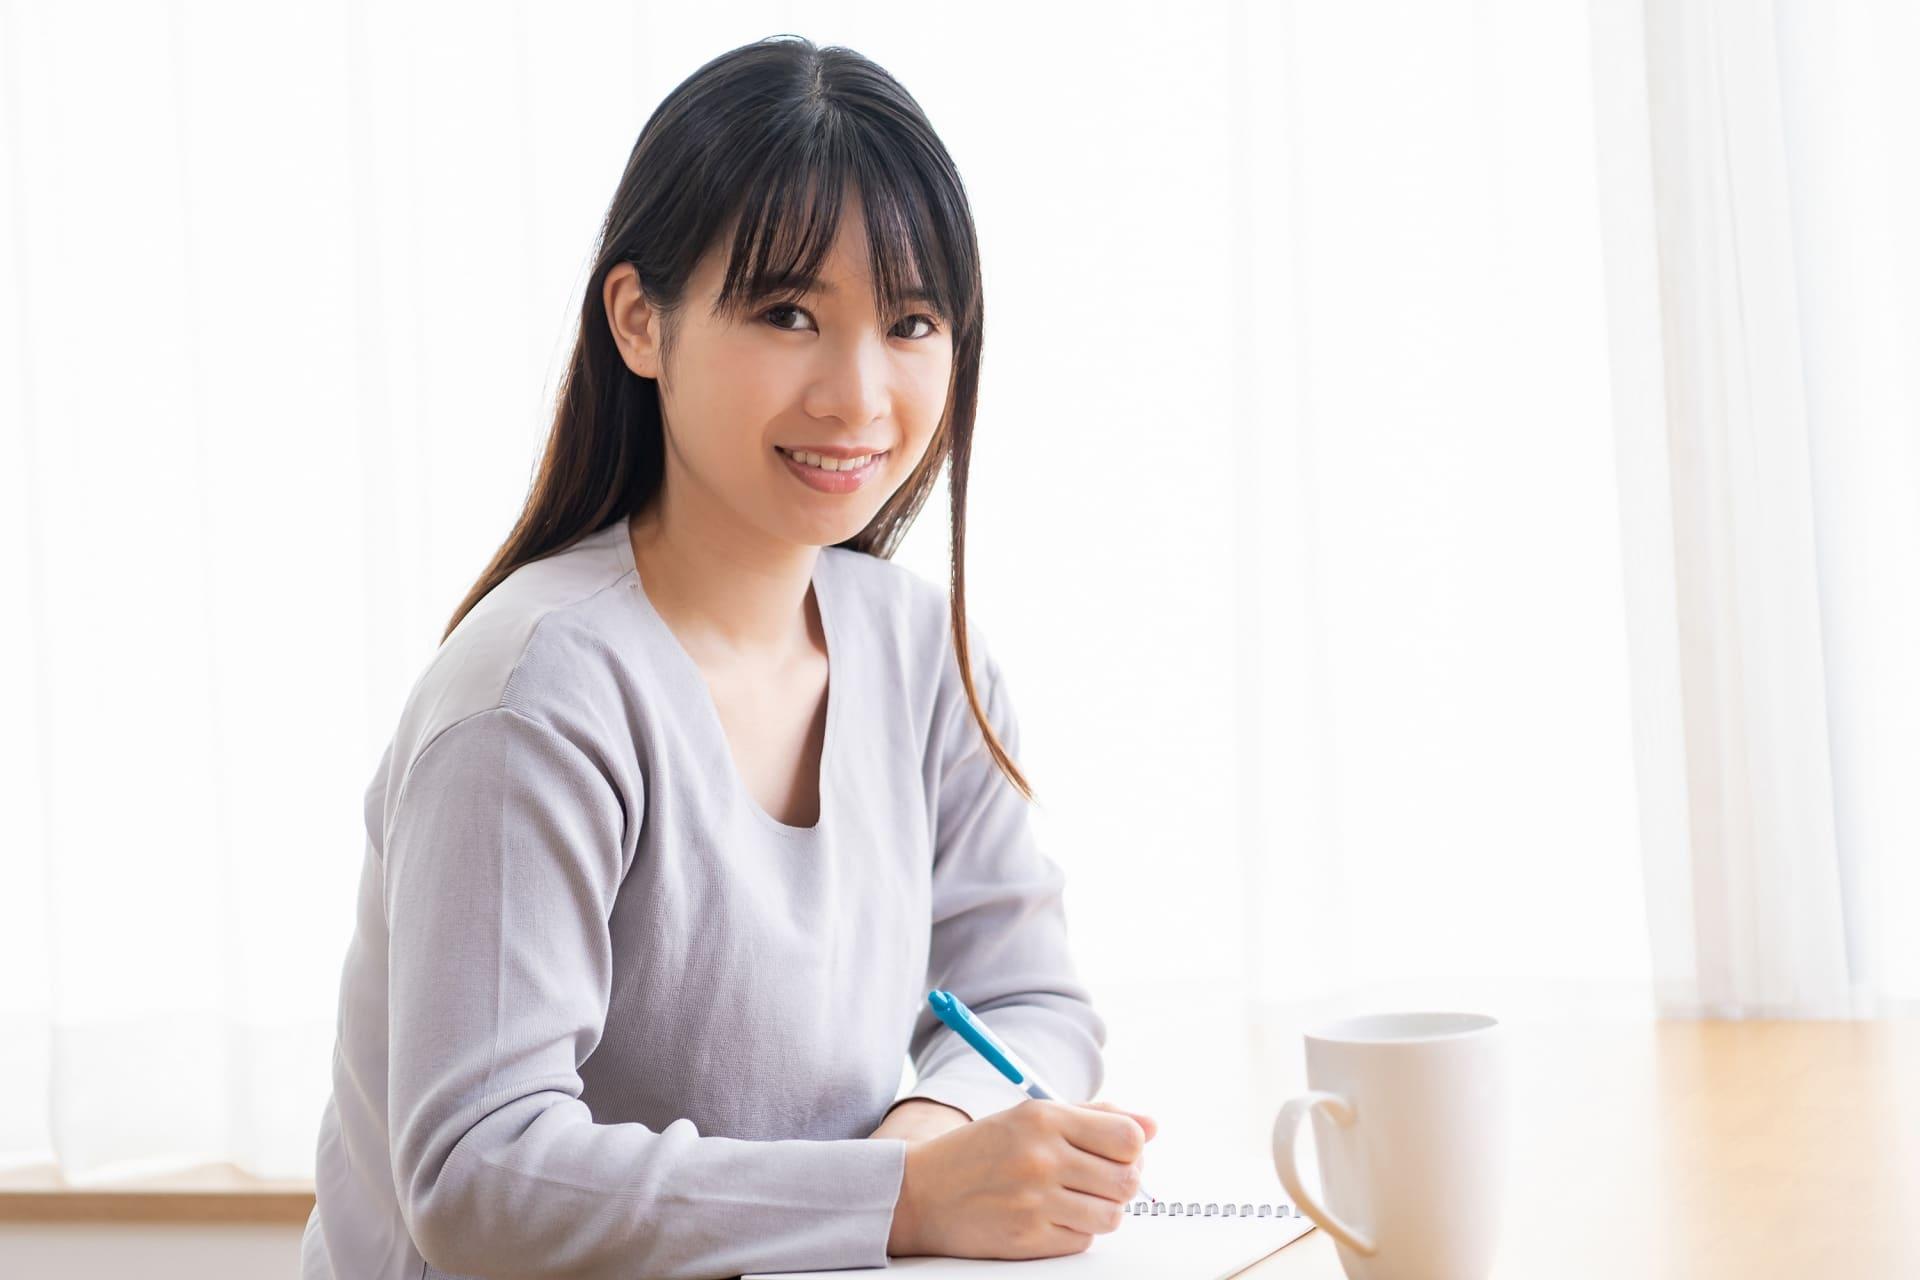 勉強中の女性の画像